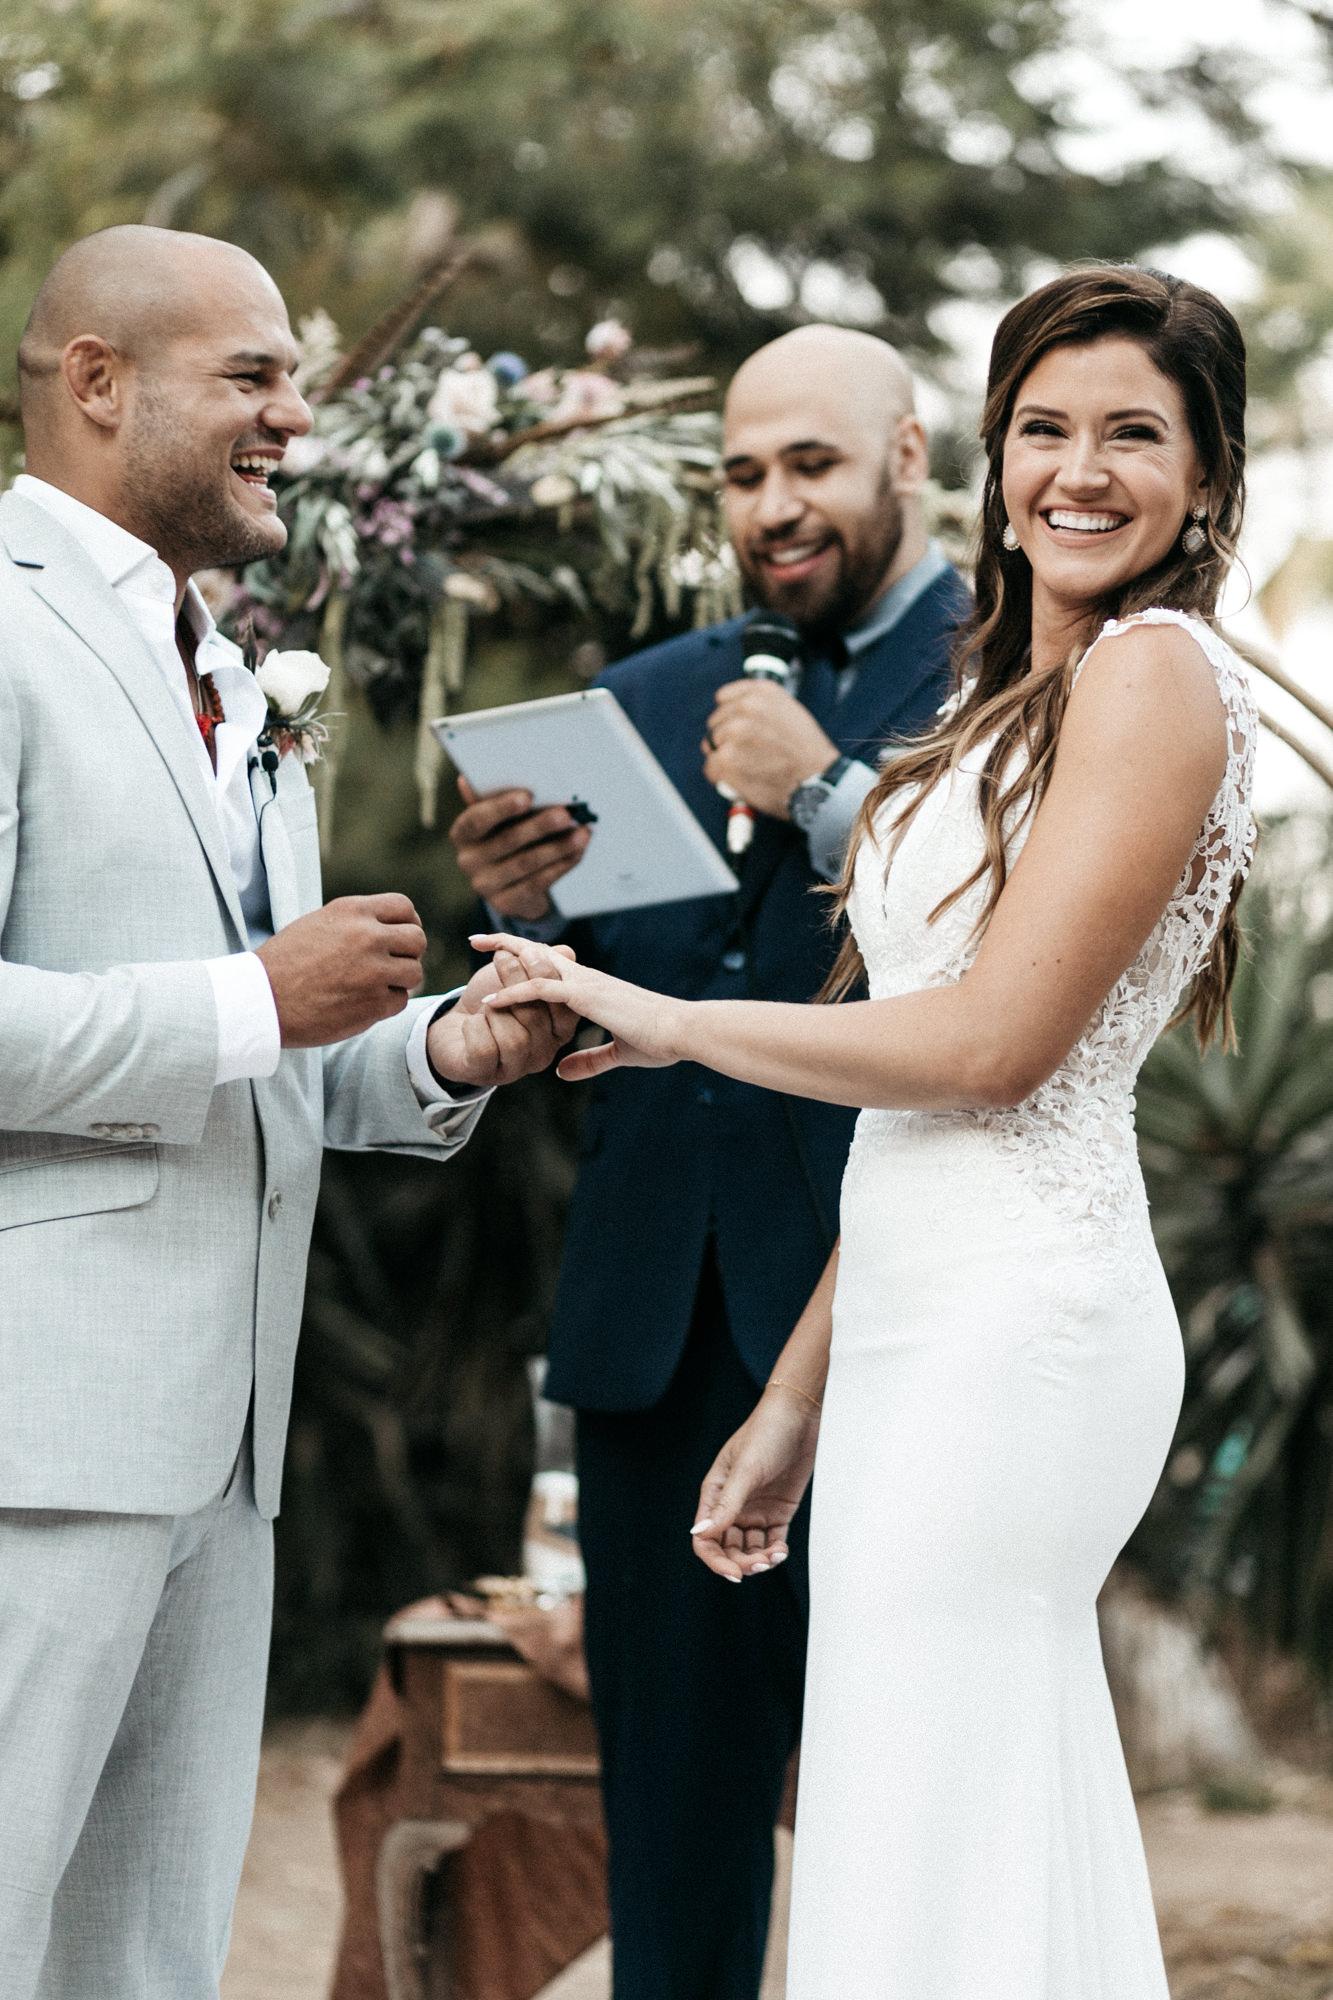 the_fire_garden_wedding-44.jpg